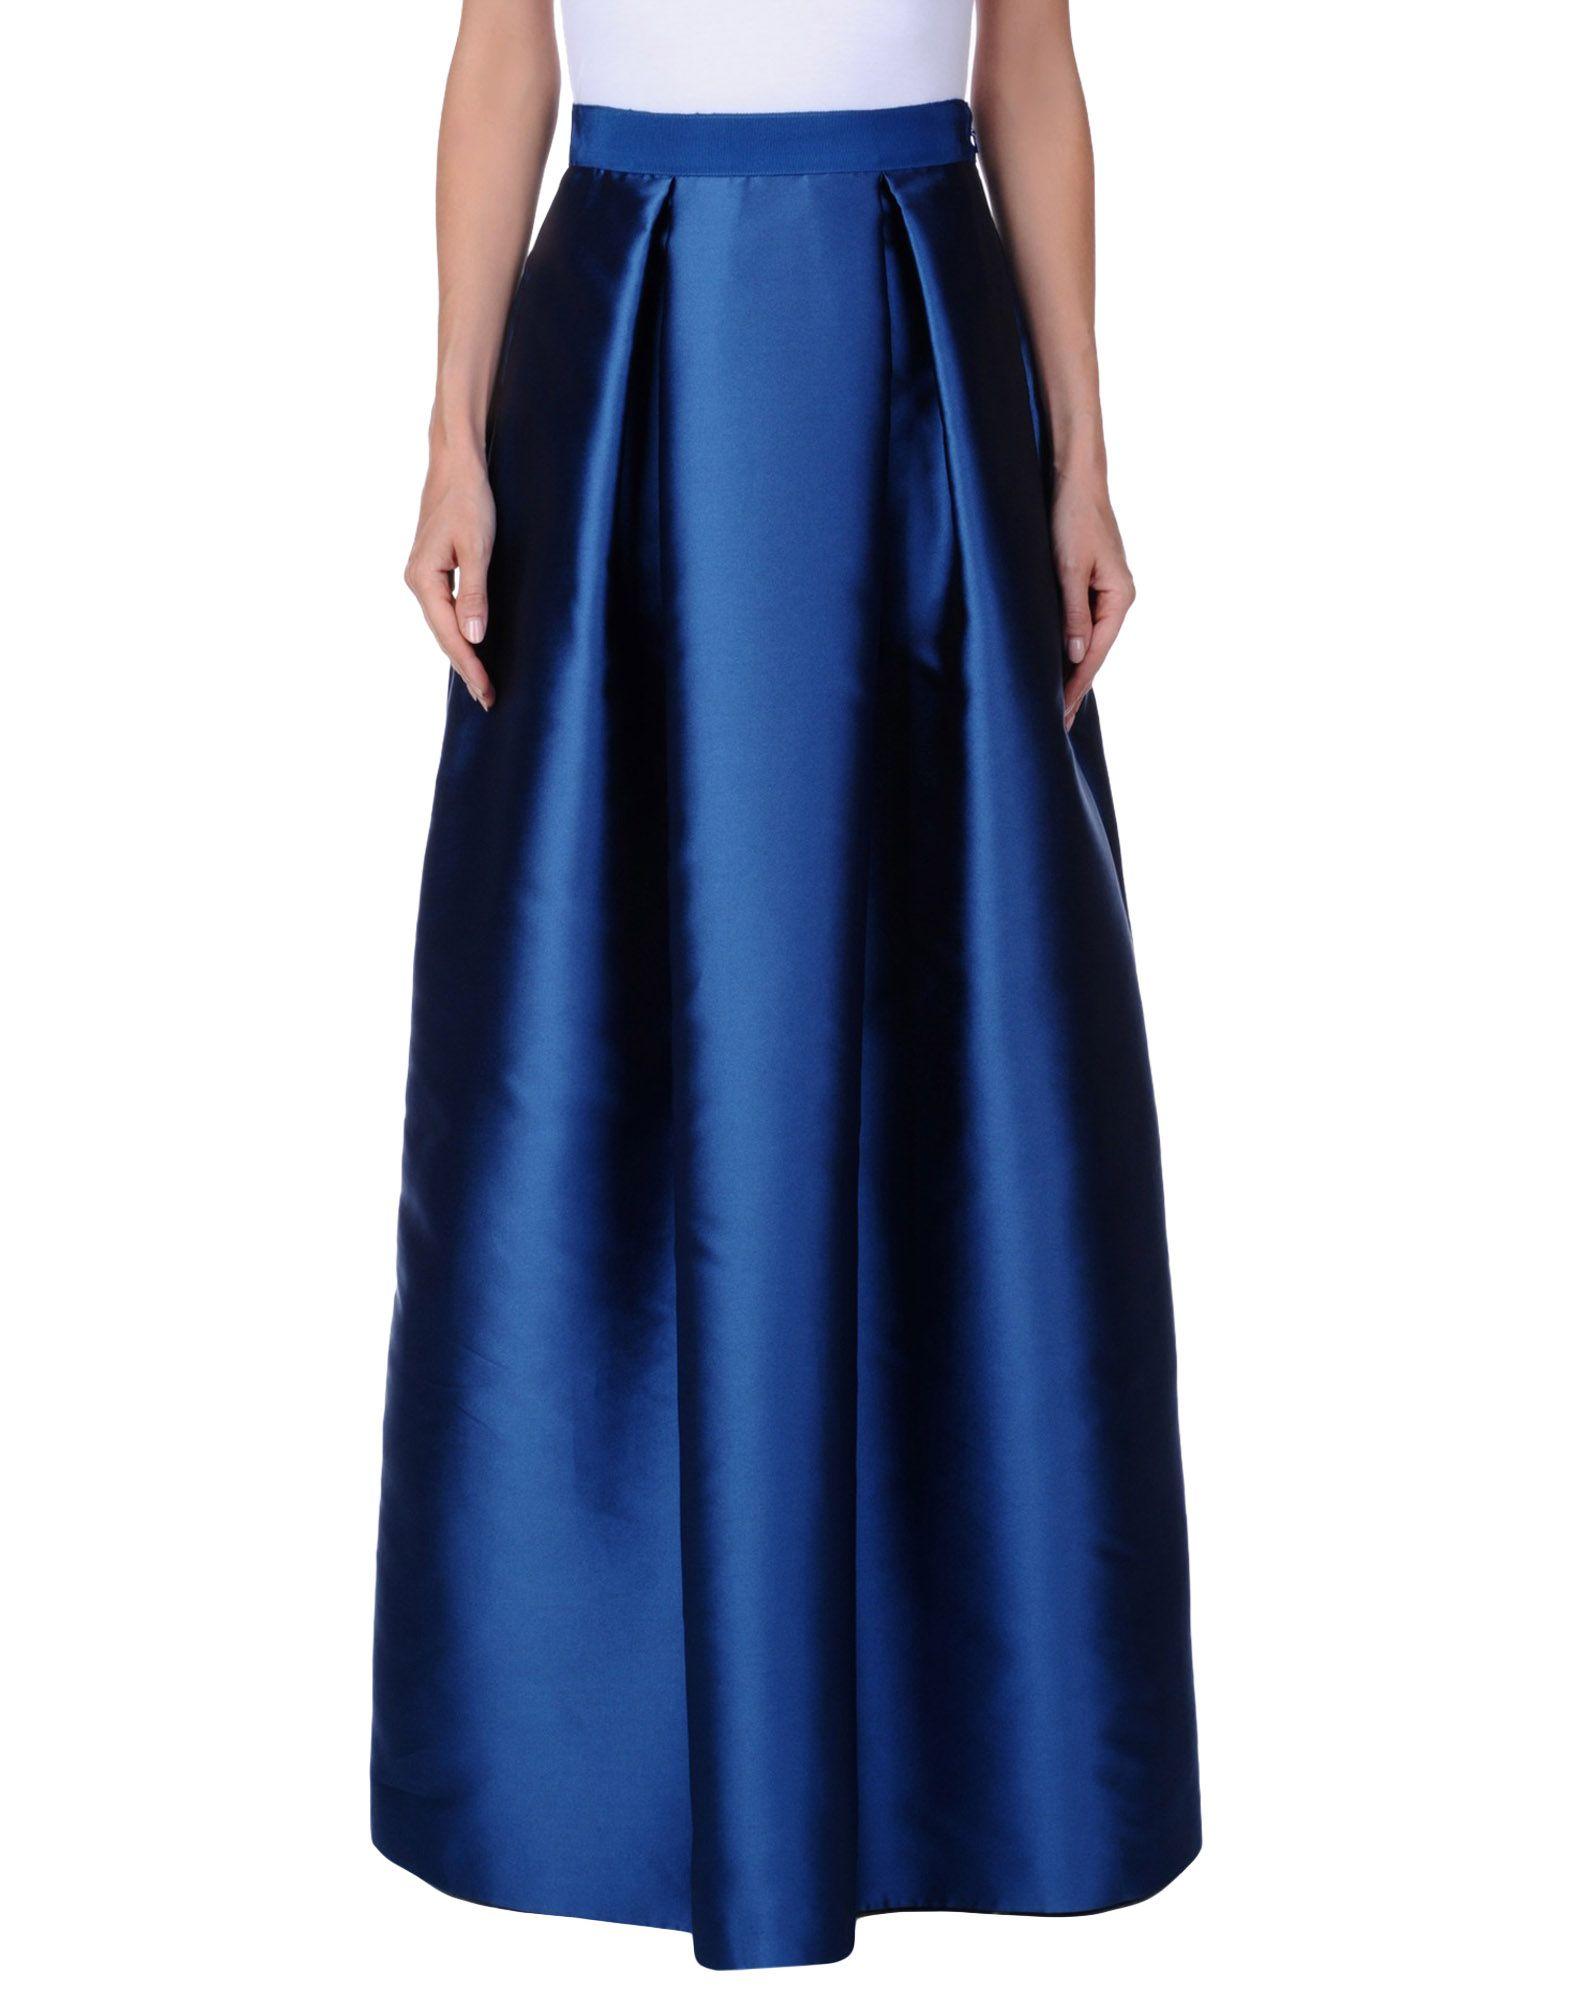 ALBERTA FERRETTI Damen Maxirock Farbe Blau Größe 6 jetztbilligerkaufen